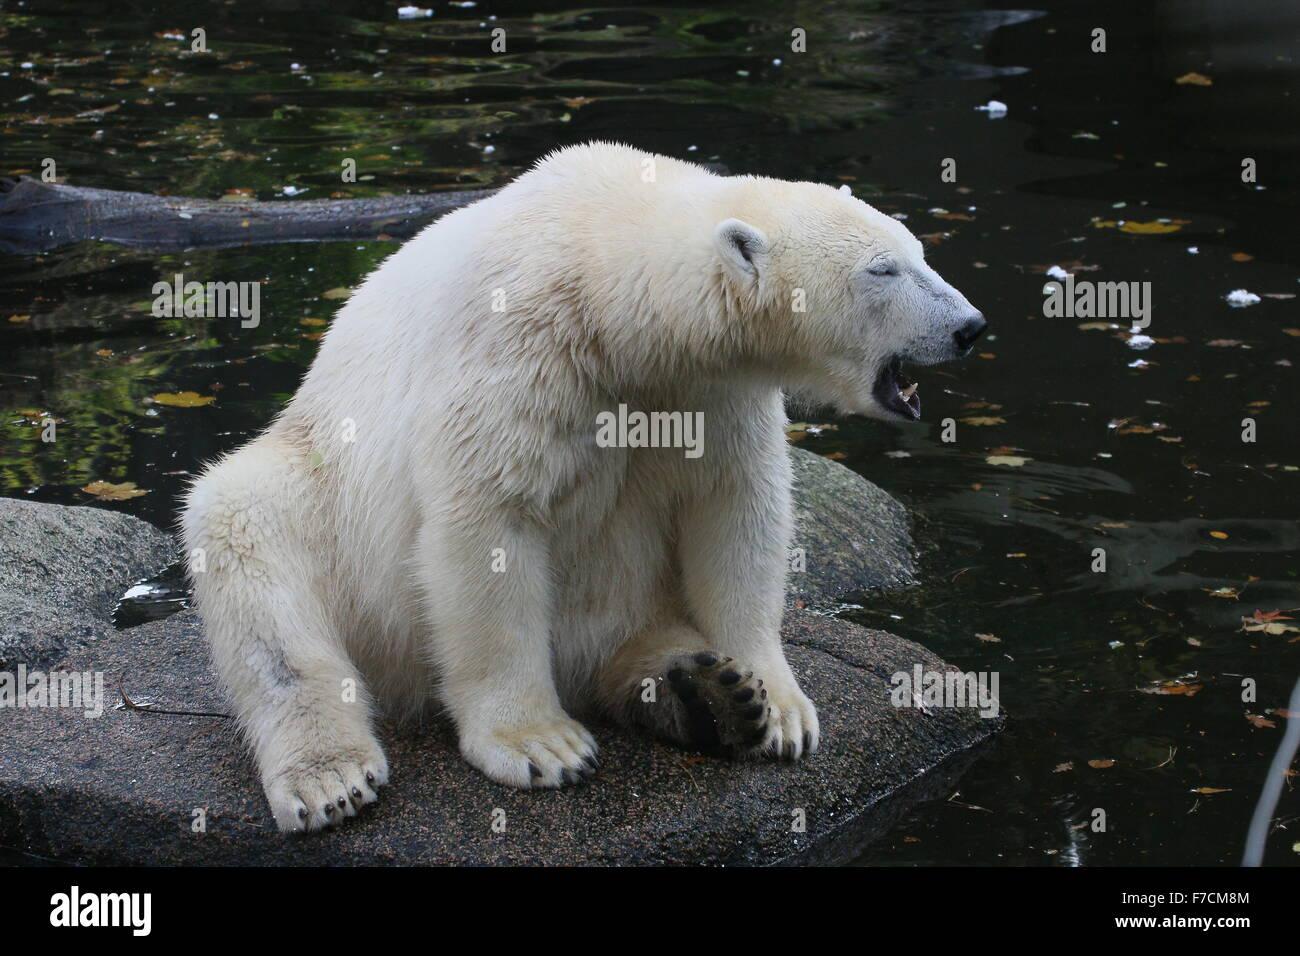 Coppia di orso polare (Ursus maritimus) sbadigli vicino al bordo dell'acqua Immagini Stock